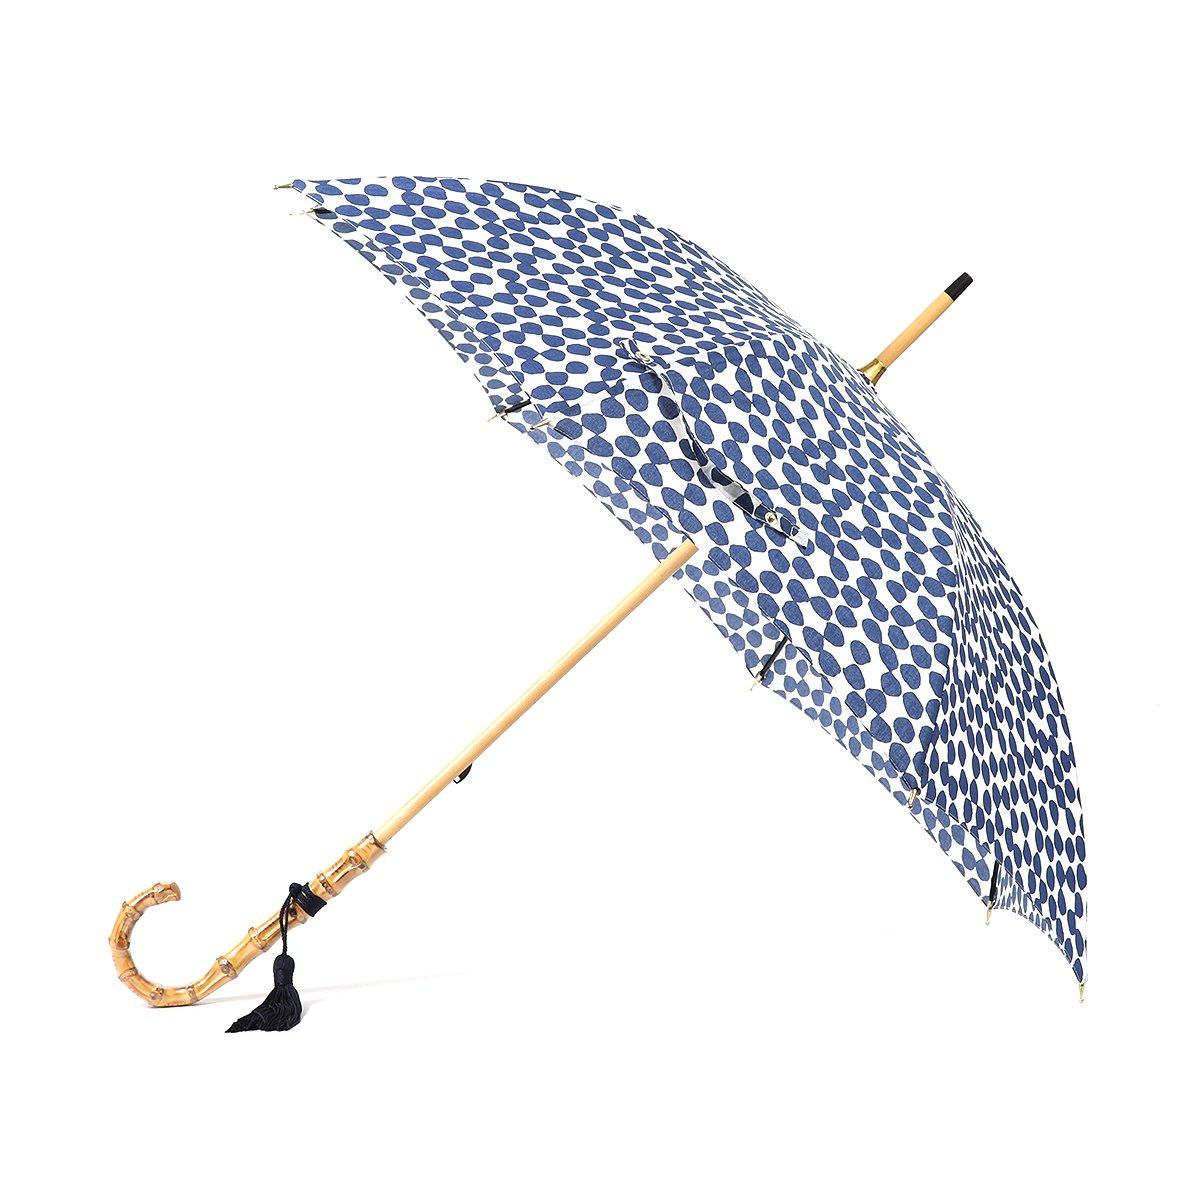 【晴雨兼用傘】東京洋傘 レディース 手書き風 ドット柄 長傘 詳細画像8